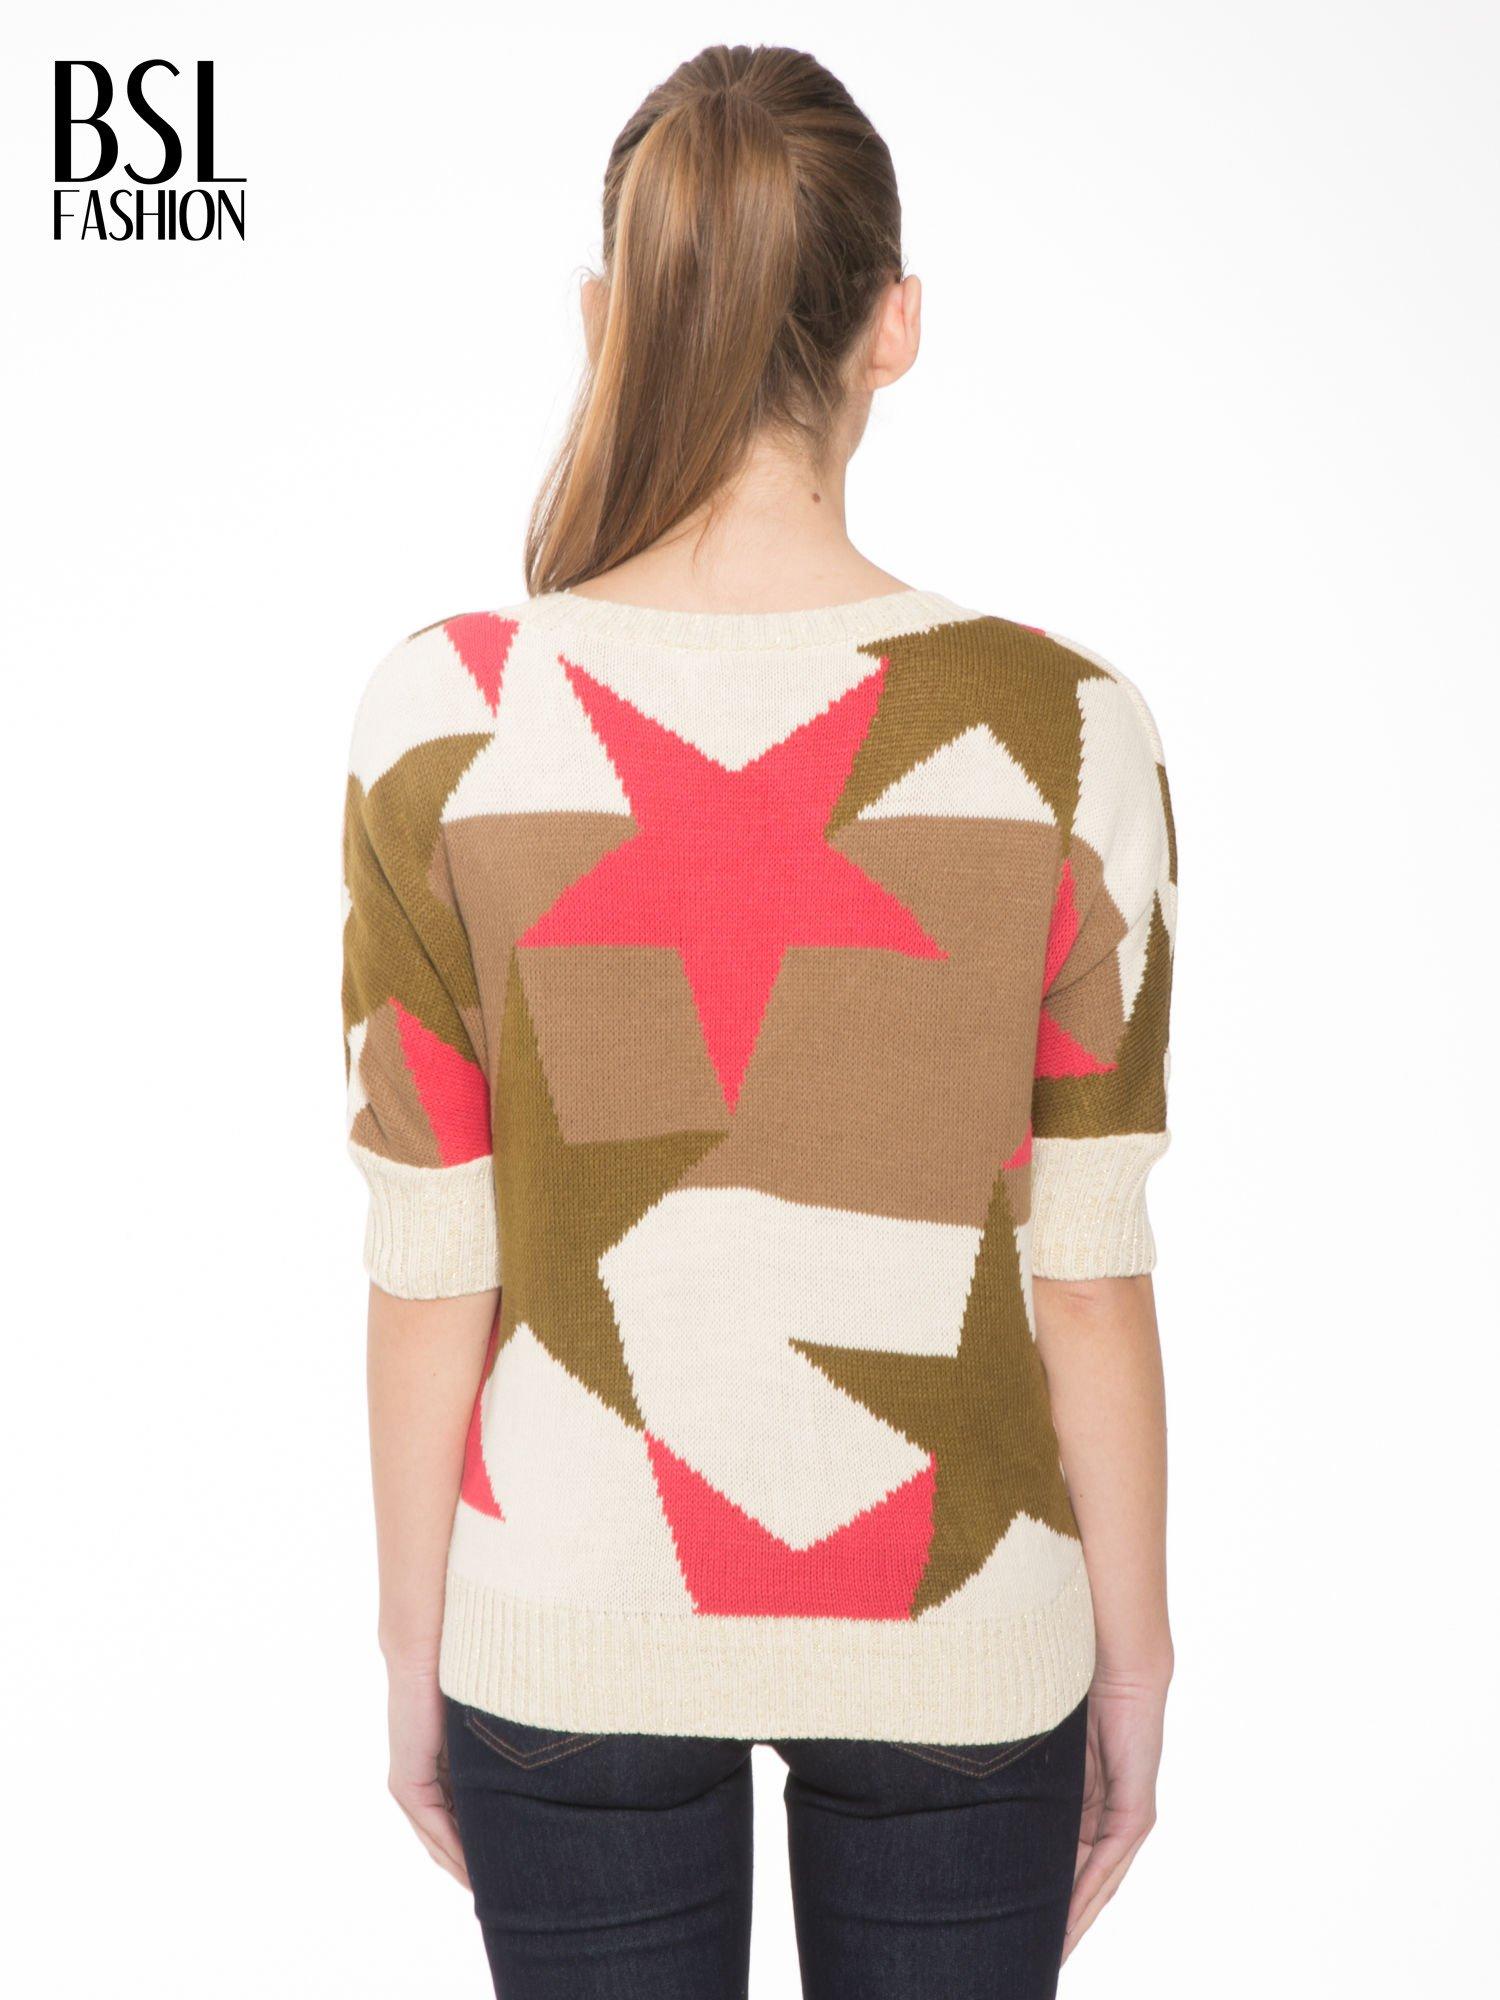 Wielokolorowy sweter z nadrukiem gwiazd                                  zdj.                                  4